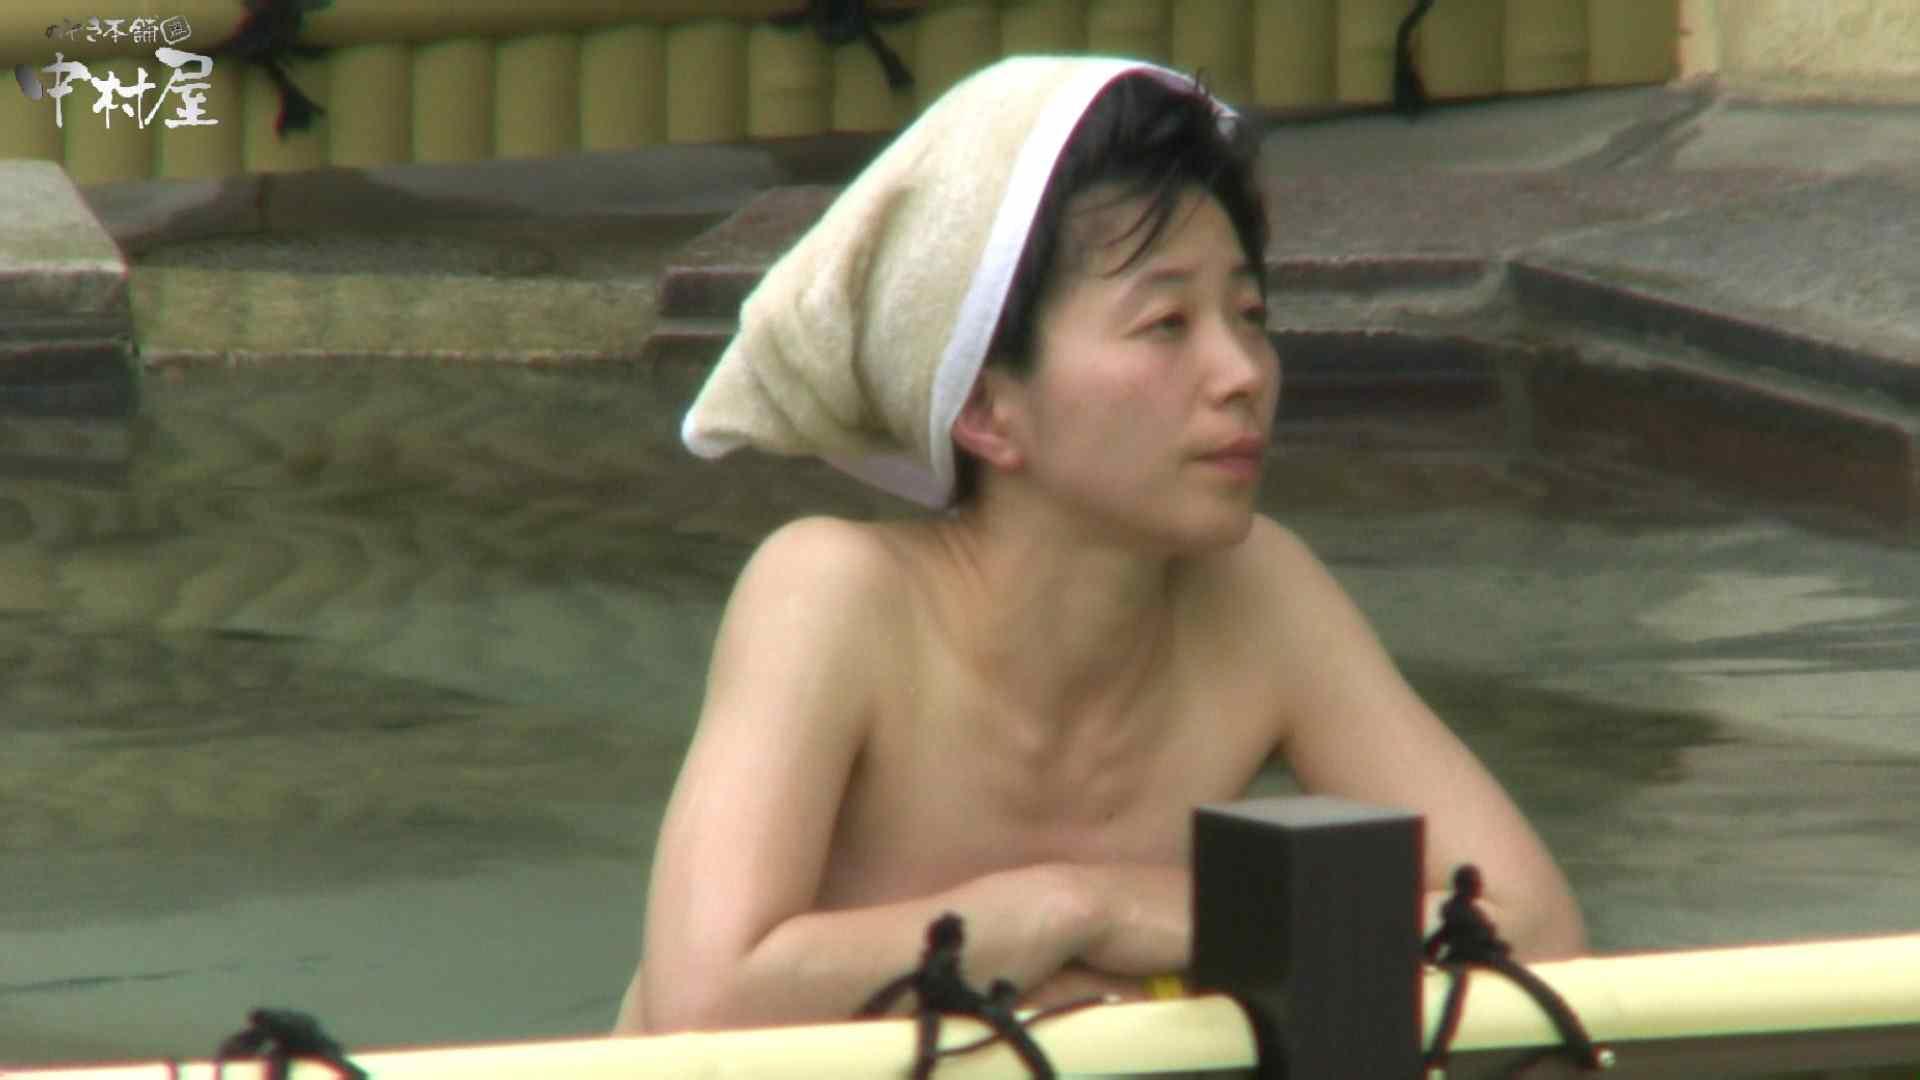 Aquaな露天風呂Vol.950 露天風呂 | 盗撮  107連発 100